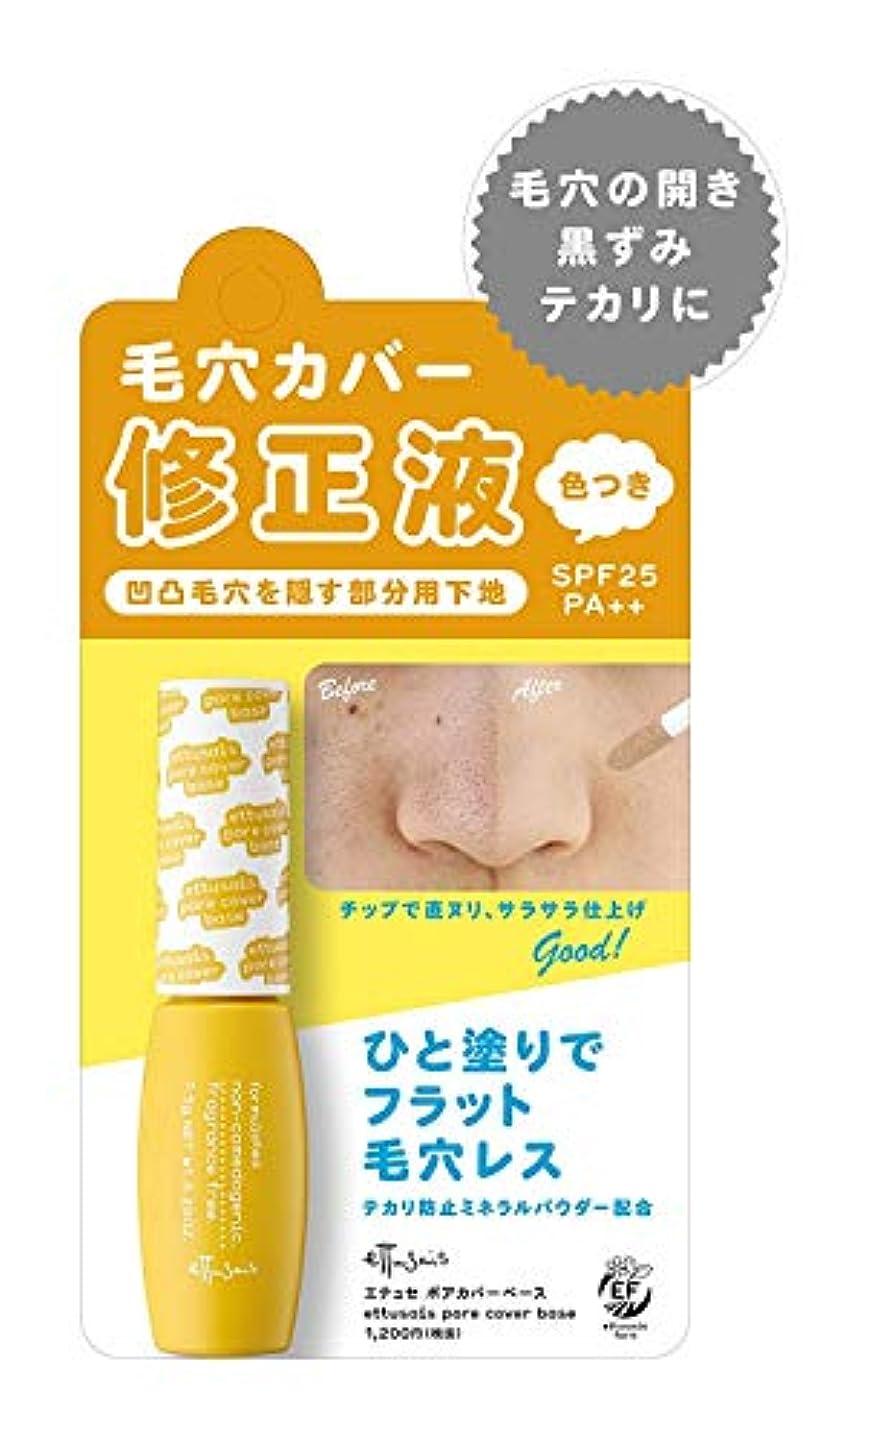 哀翻訳者酸っぱいエテュセ ポアカバーベース 頬?鼻用の部分用化粧下地 SPF25?PA++ 7.5g